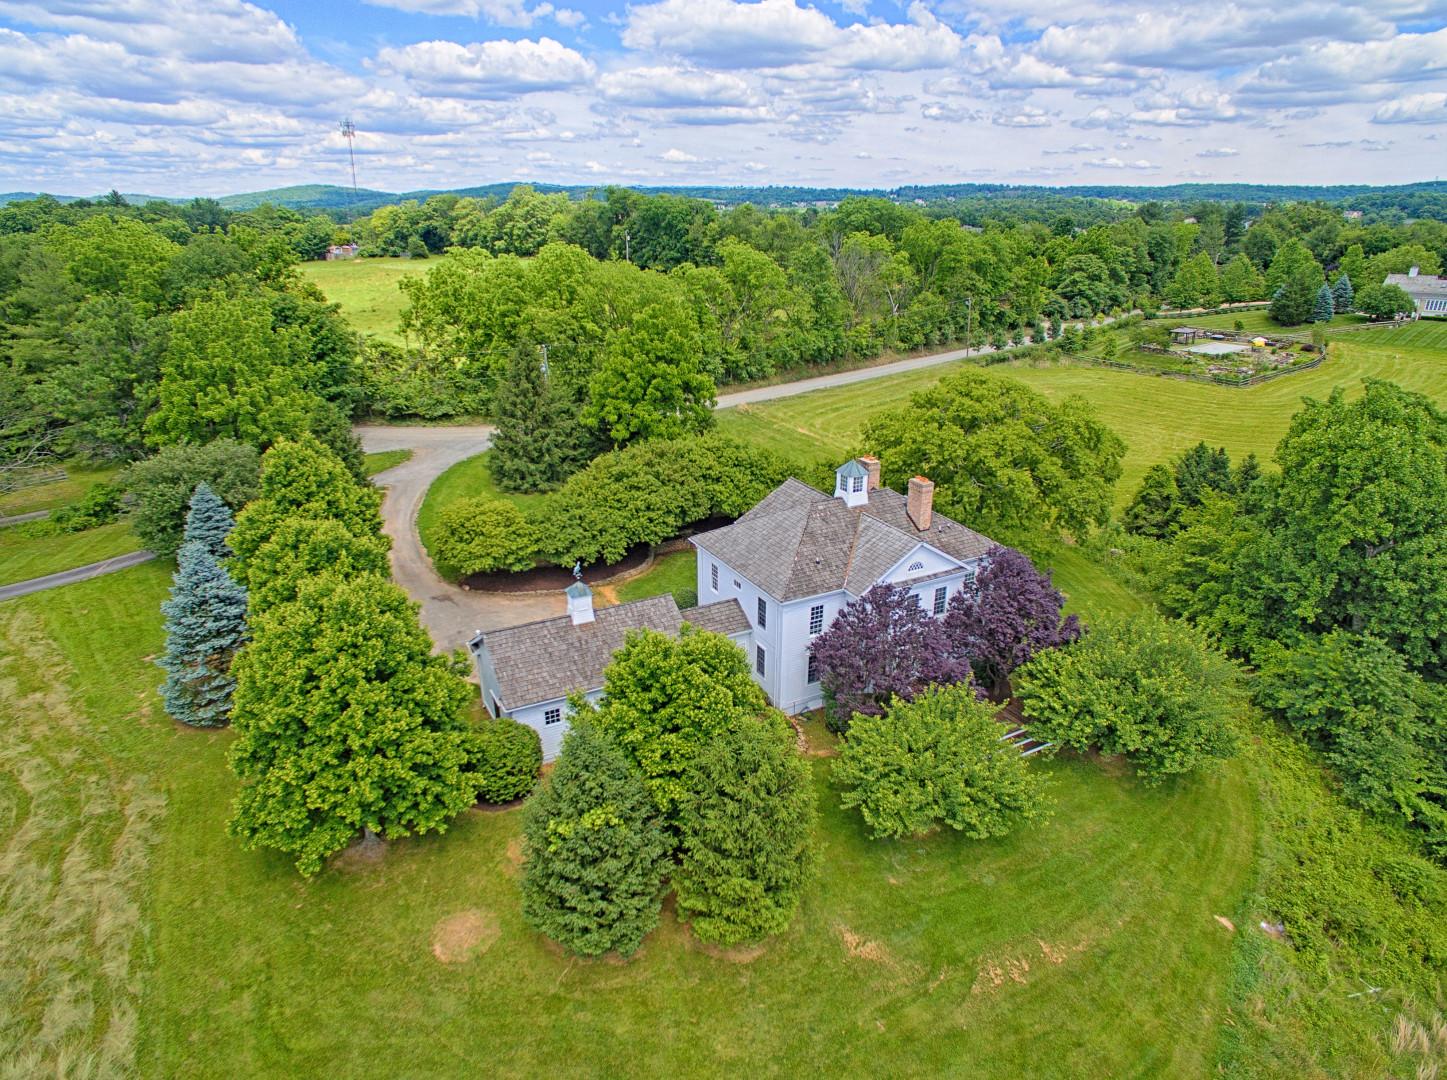 Villa per Vendita alle ore Clover Hill 15203 Clover Hill Rd Waterford, Virginia 20197 Stati Uniti